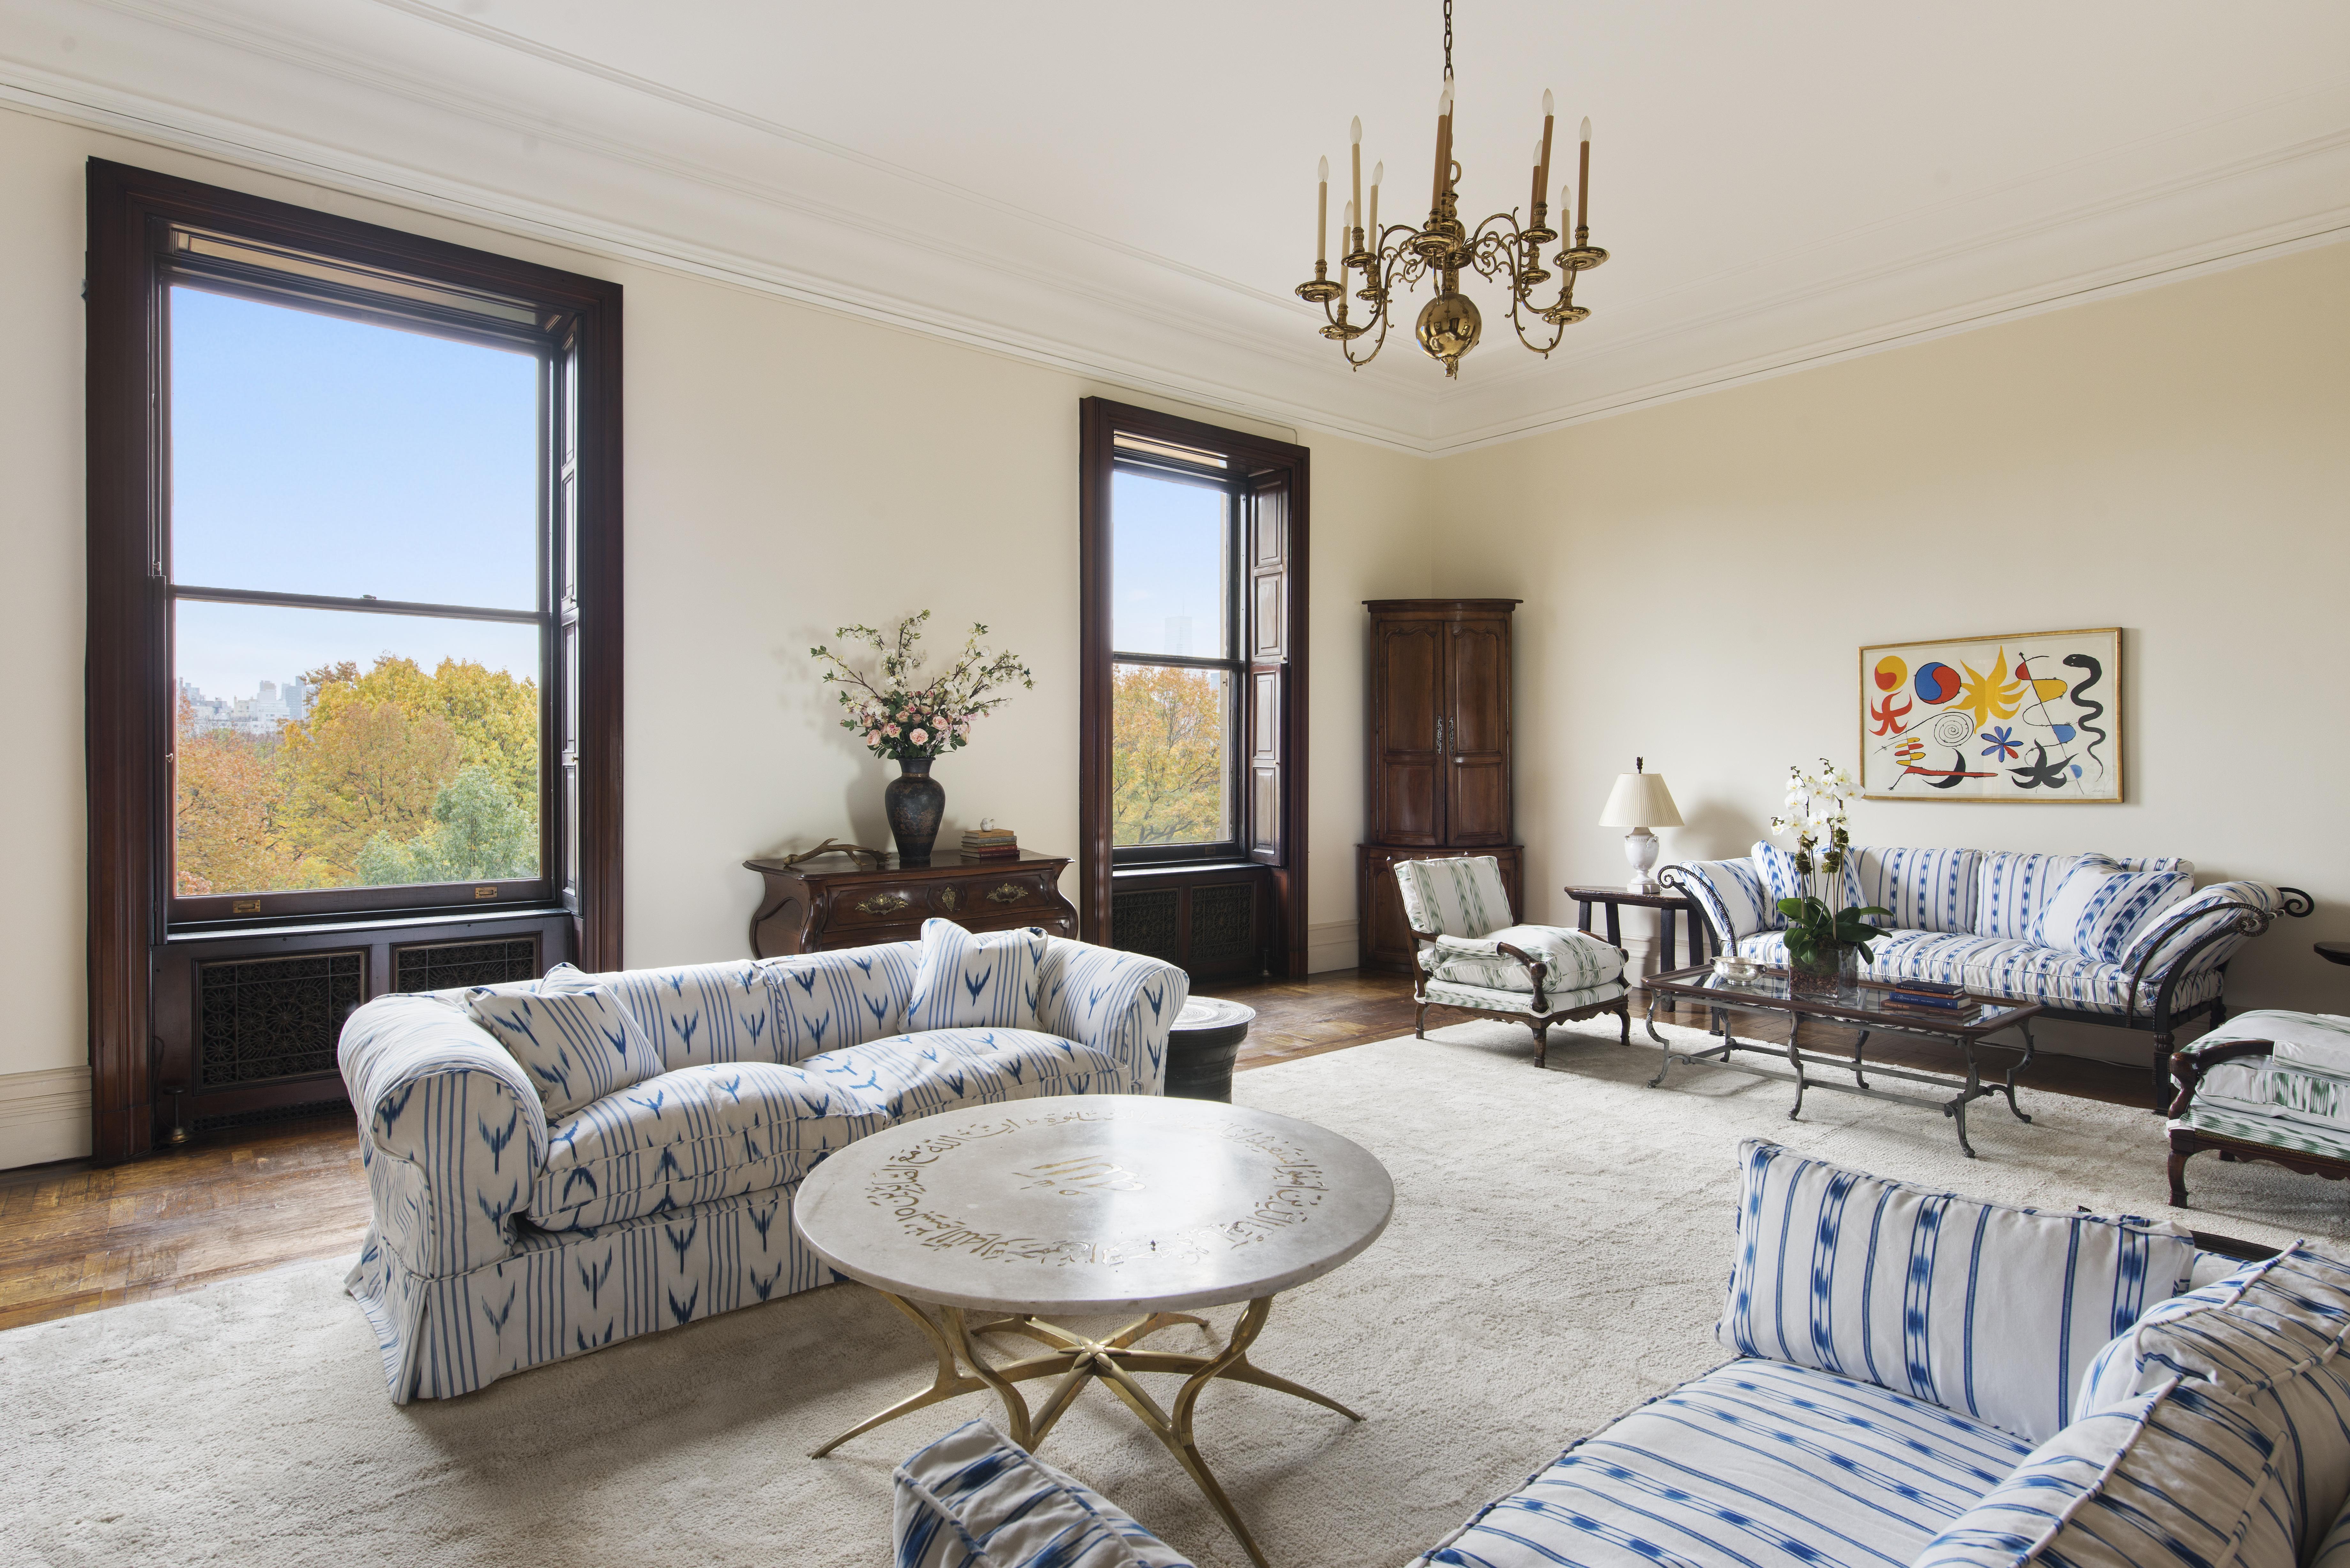 Lauren Bacall Home 1 West 72nd Street__1